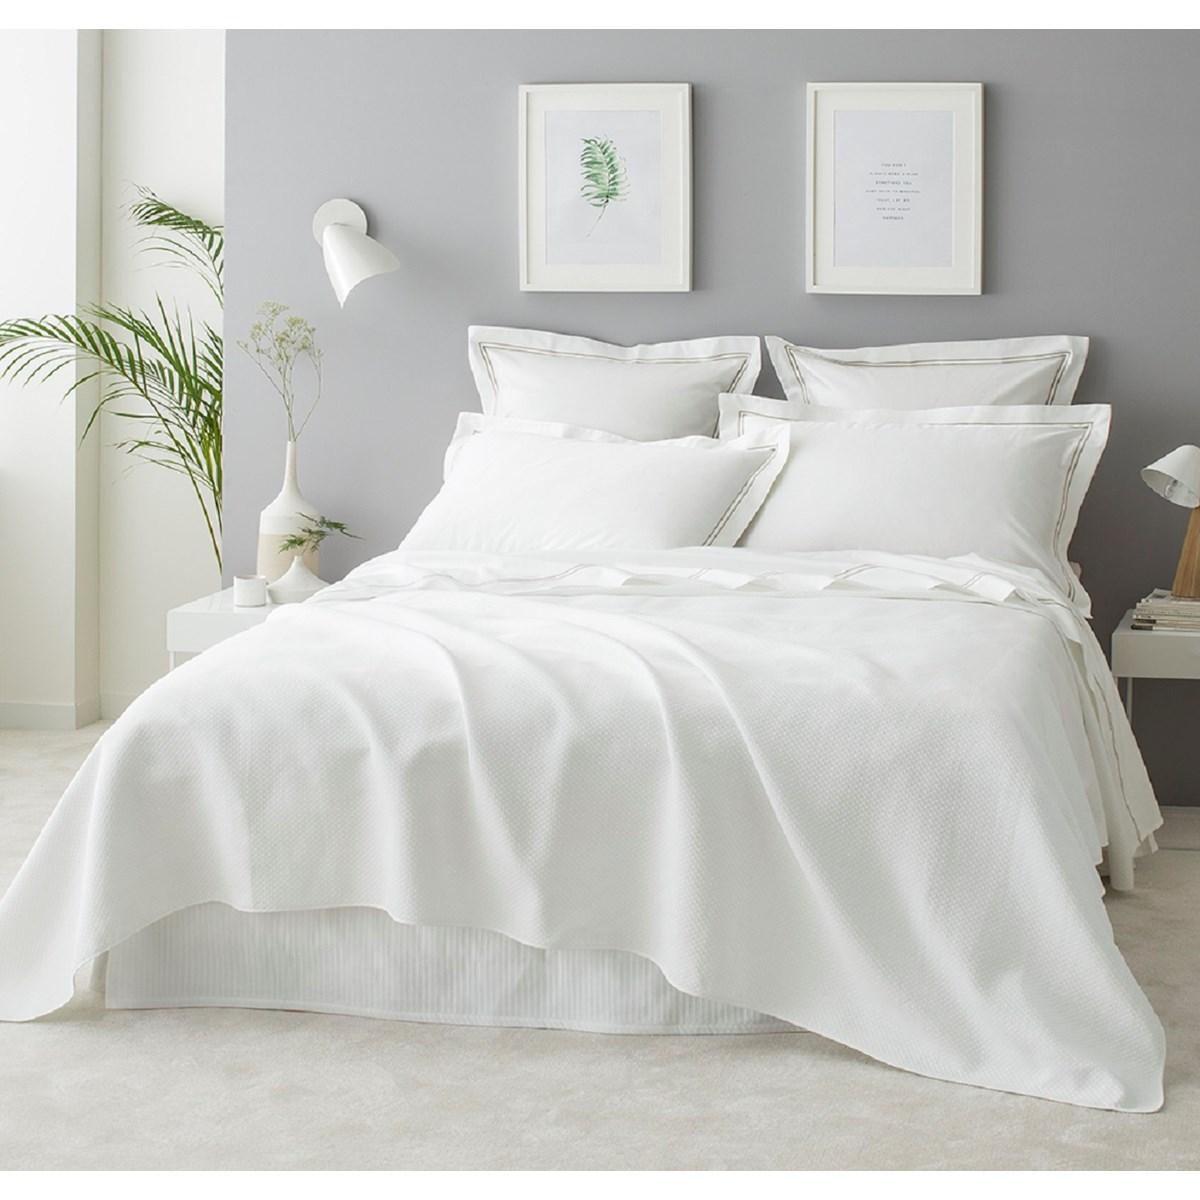 Couverture d'été luxe en Coton  Blanc 240x260 cm